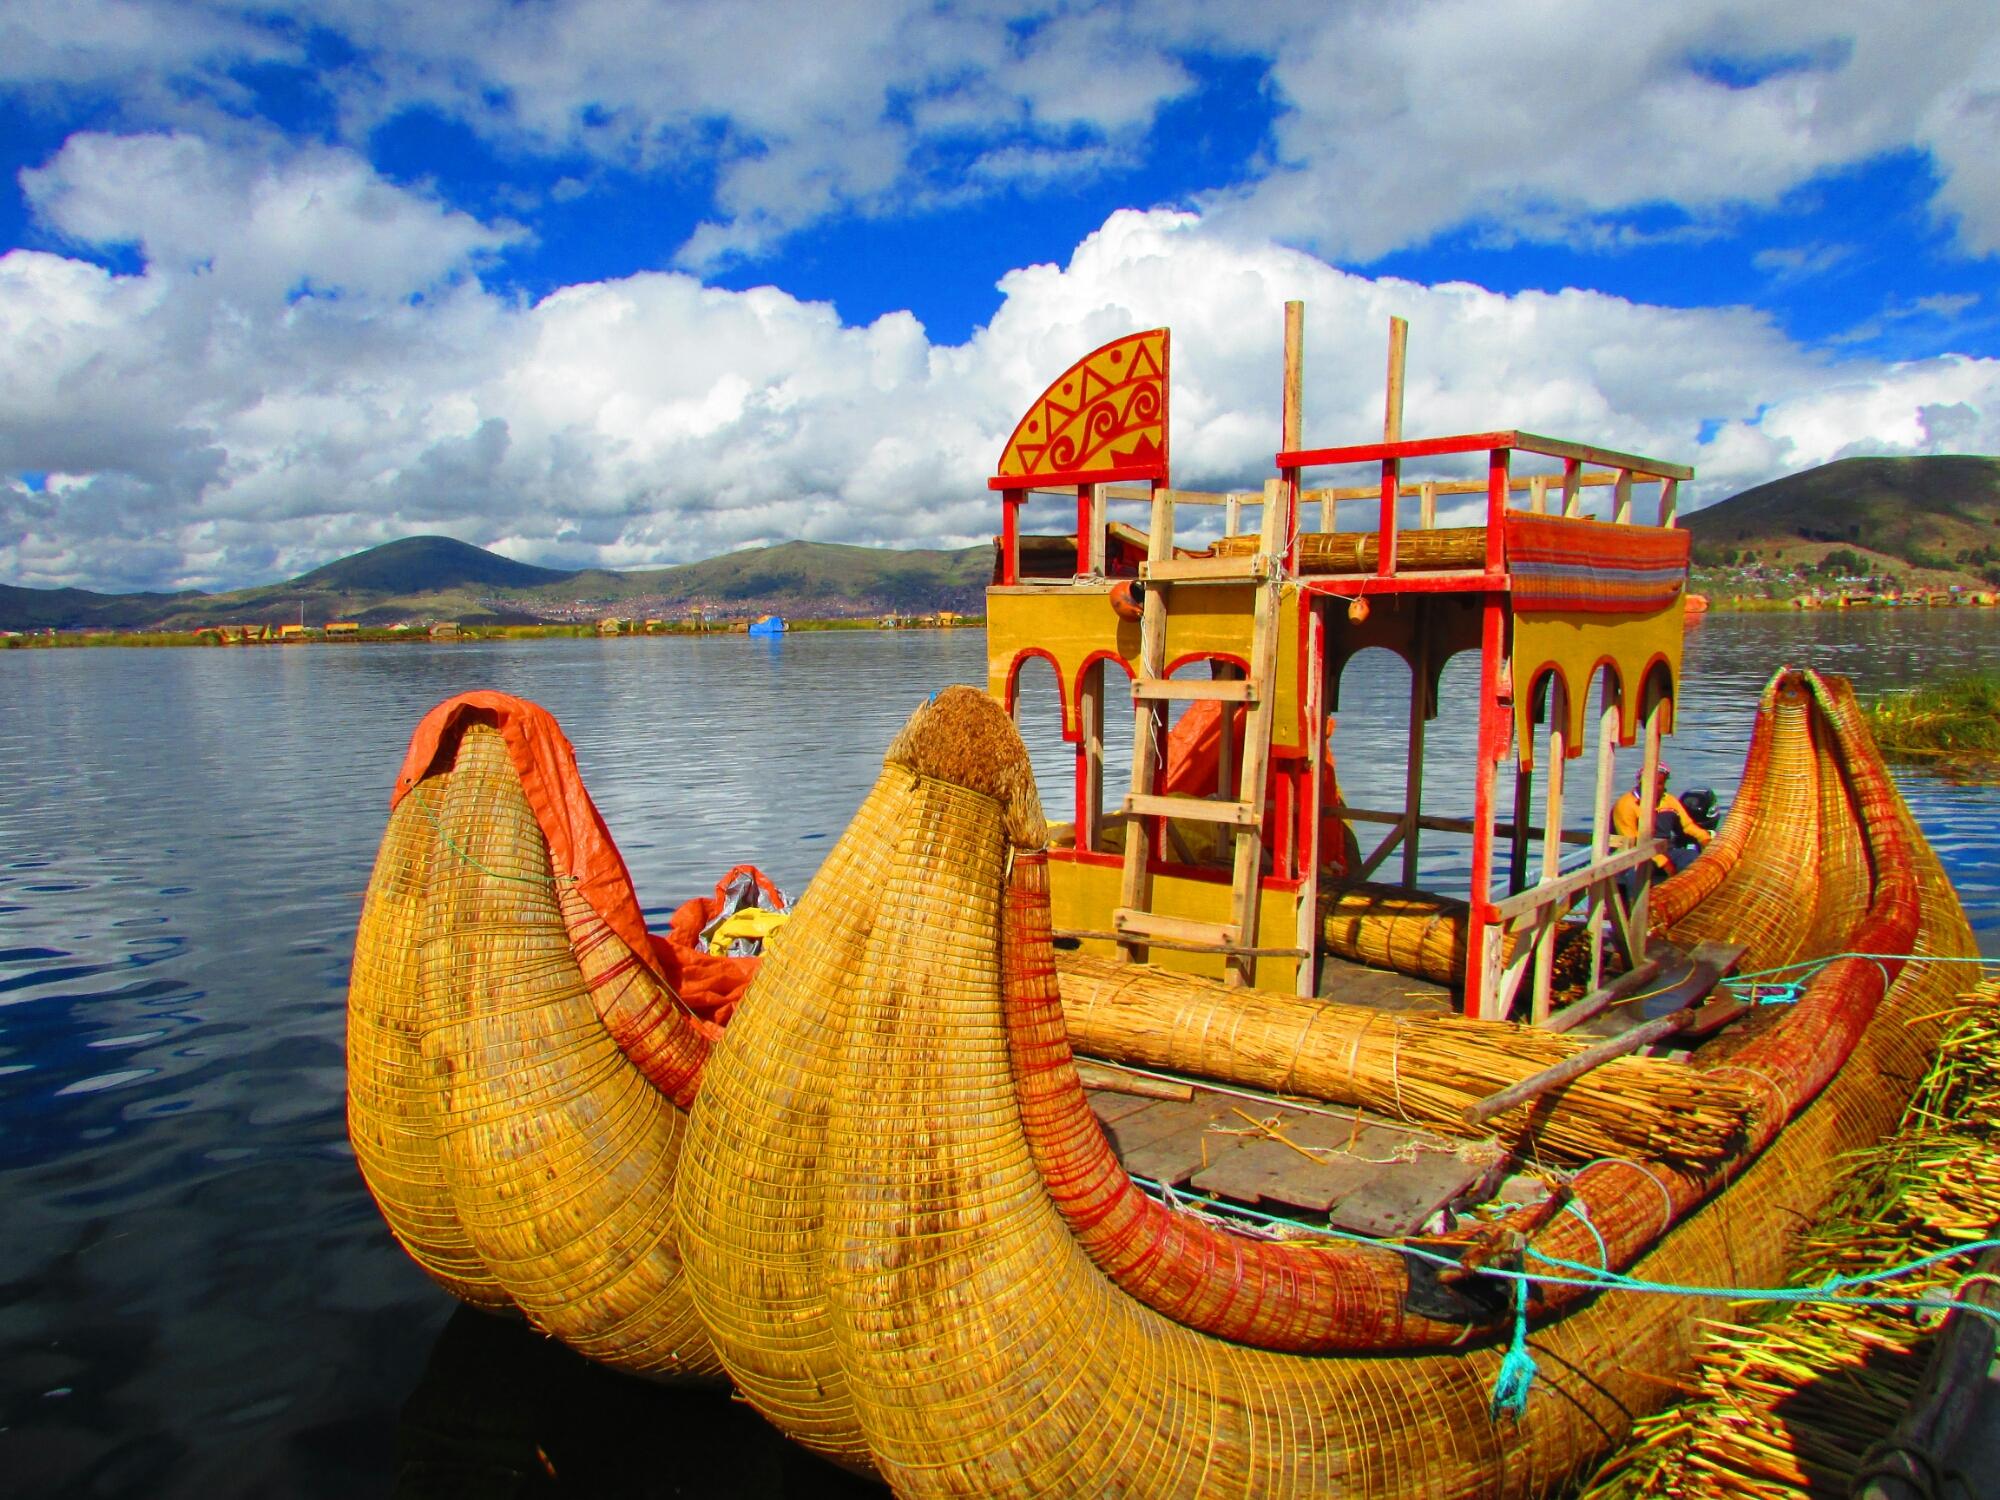 balsas tradicionales y las montañas de fondo en las islas Uros del lago Titicaca